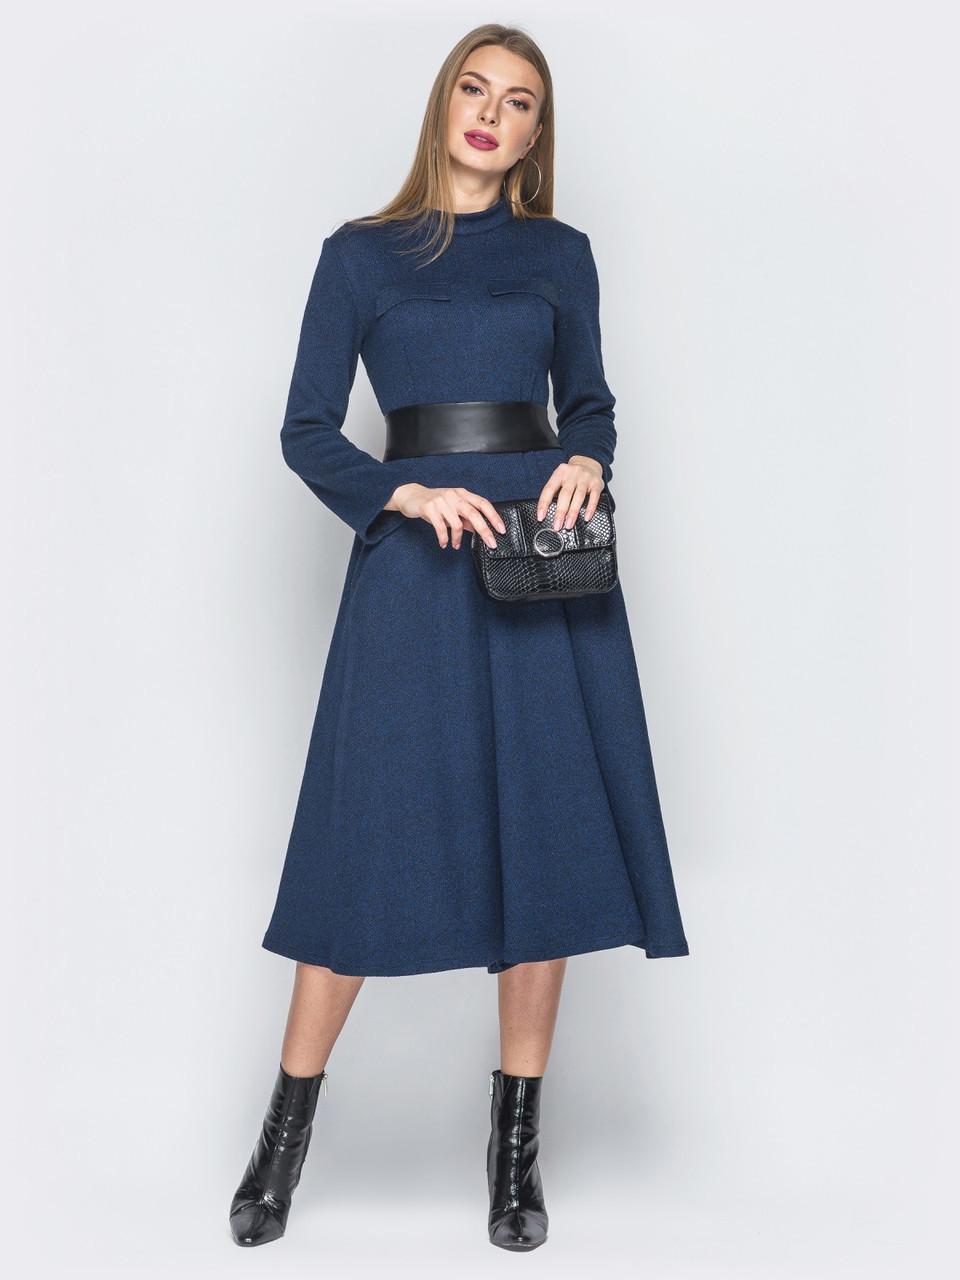 2bf73e5eca2 🌙Повседневное платье-миди с широким кожаным поясом   44